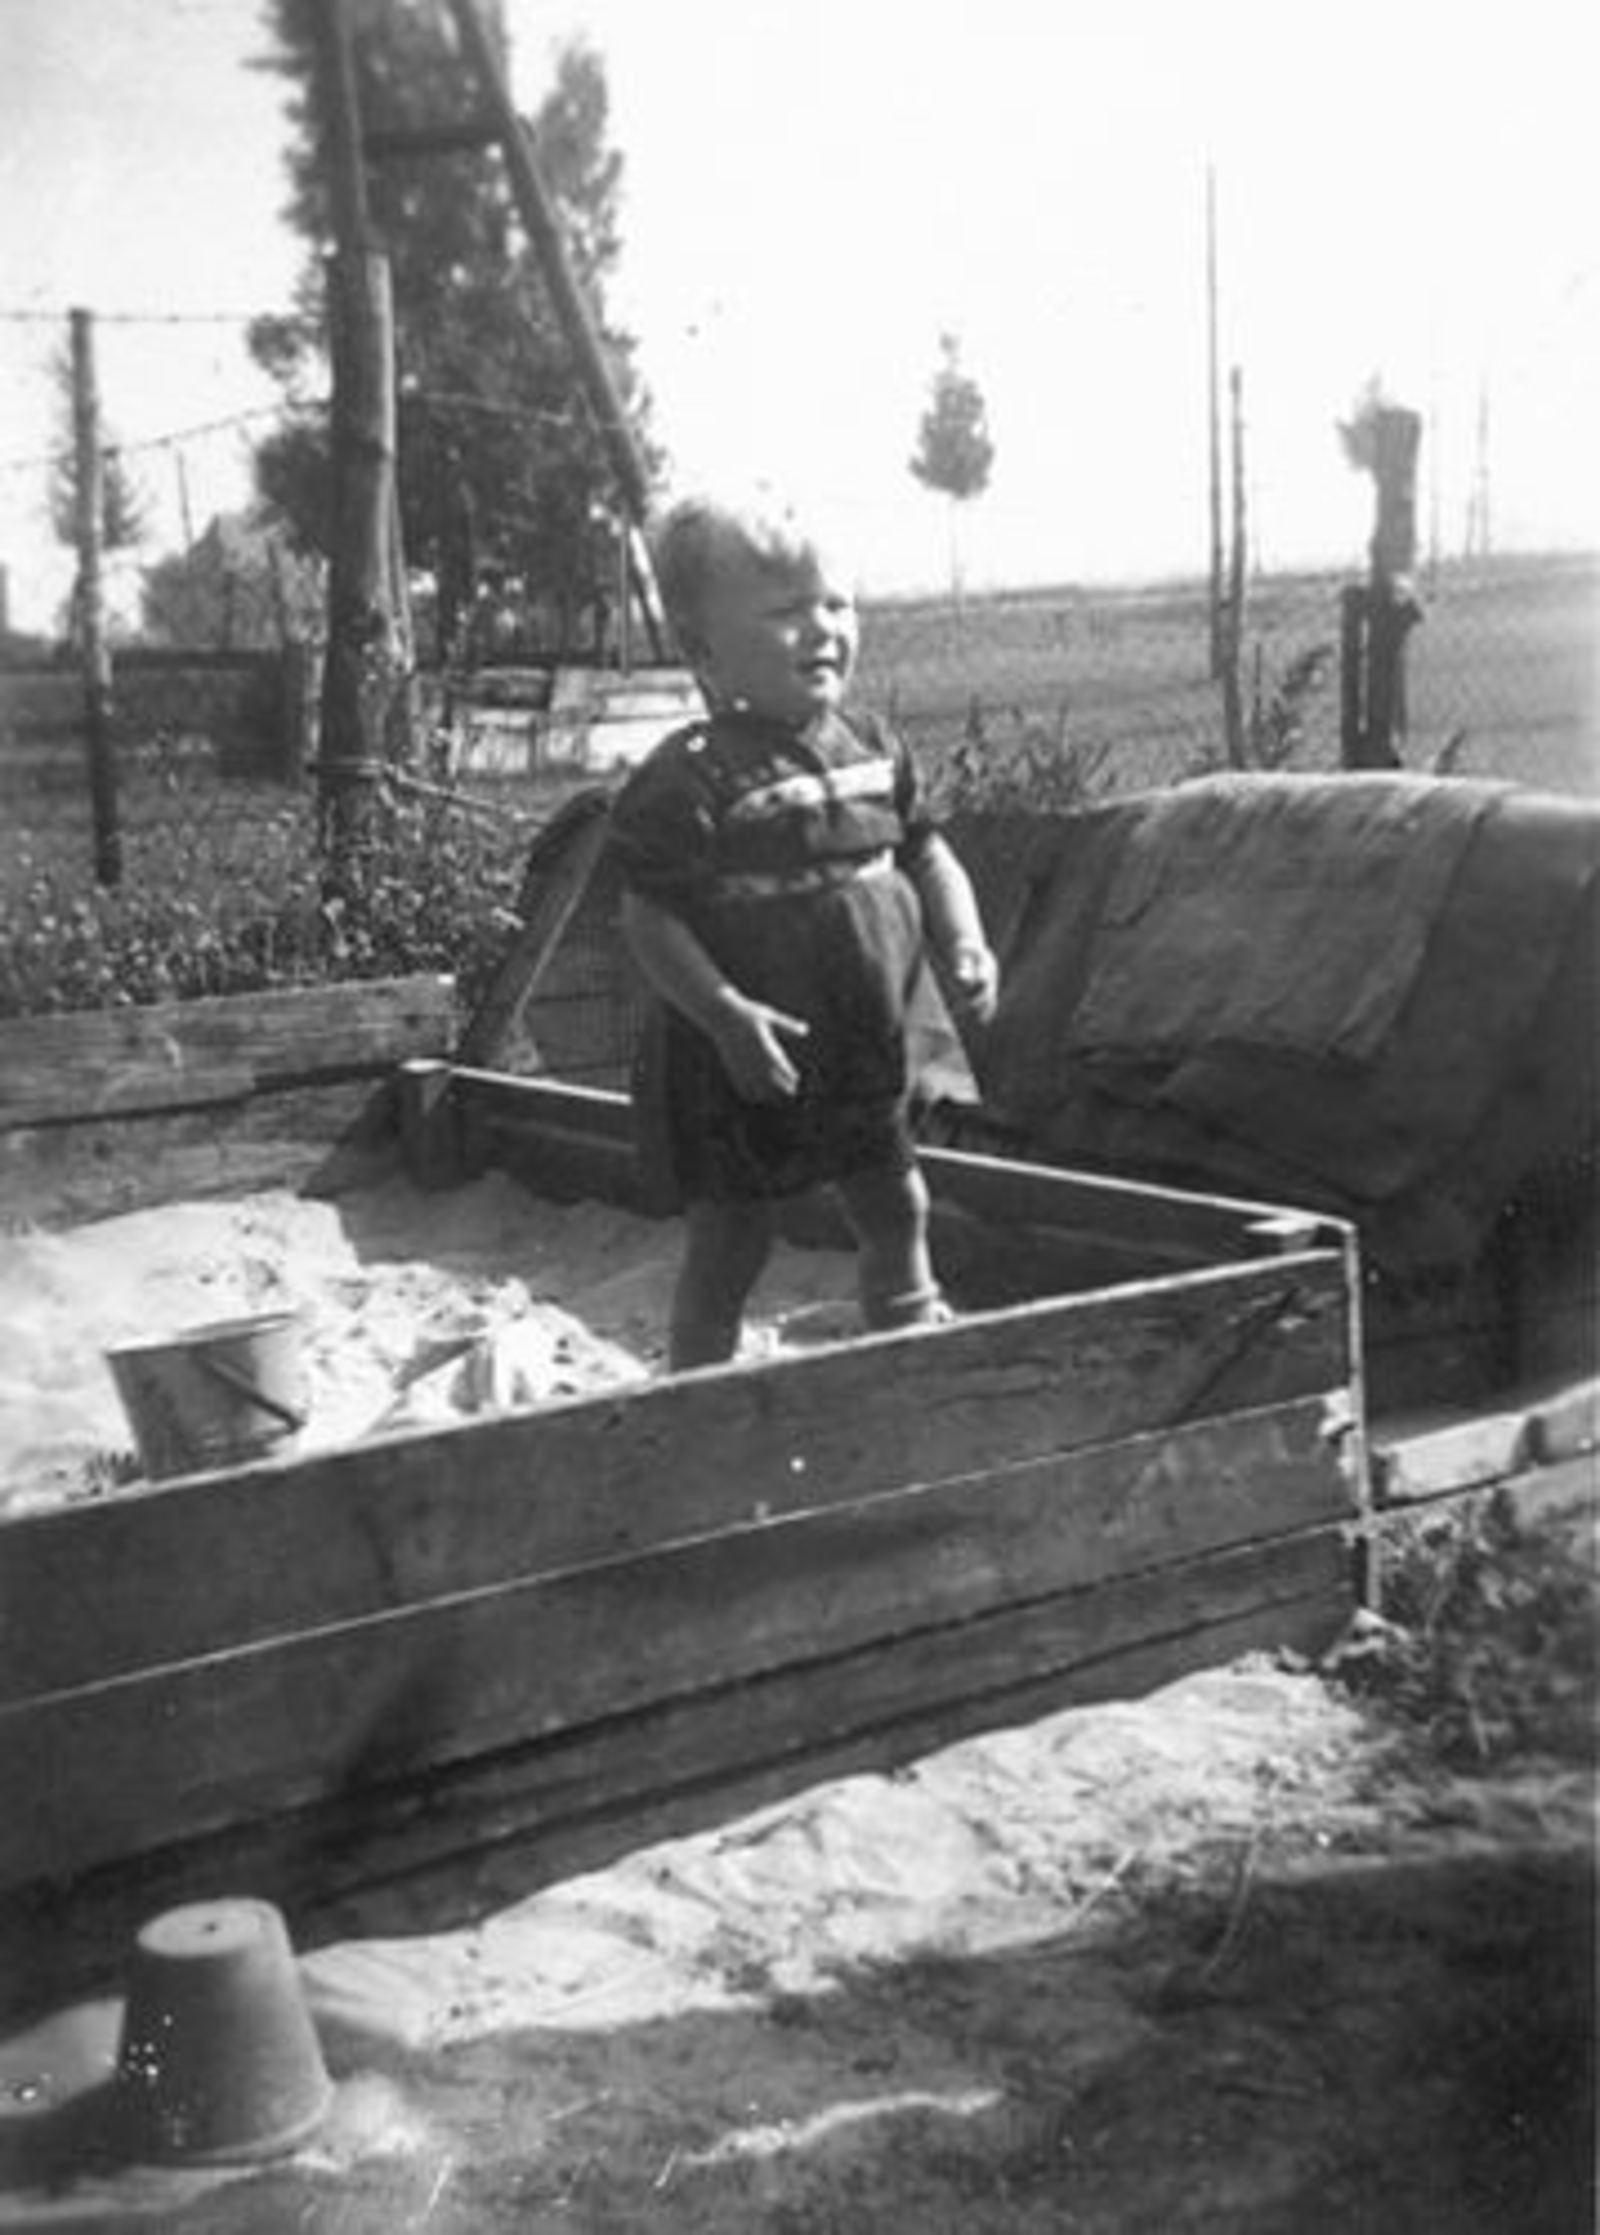 Hunneman Robbie 1947± in Zandbak